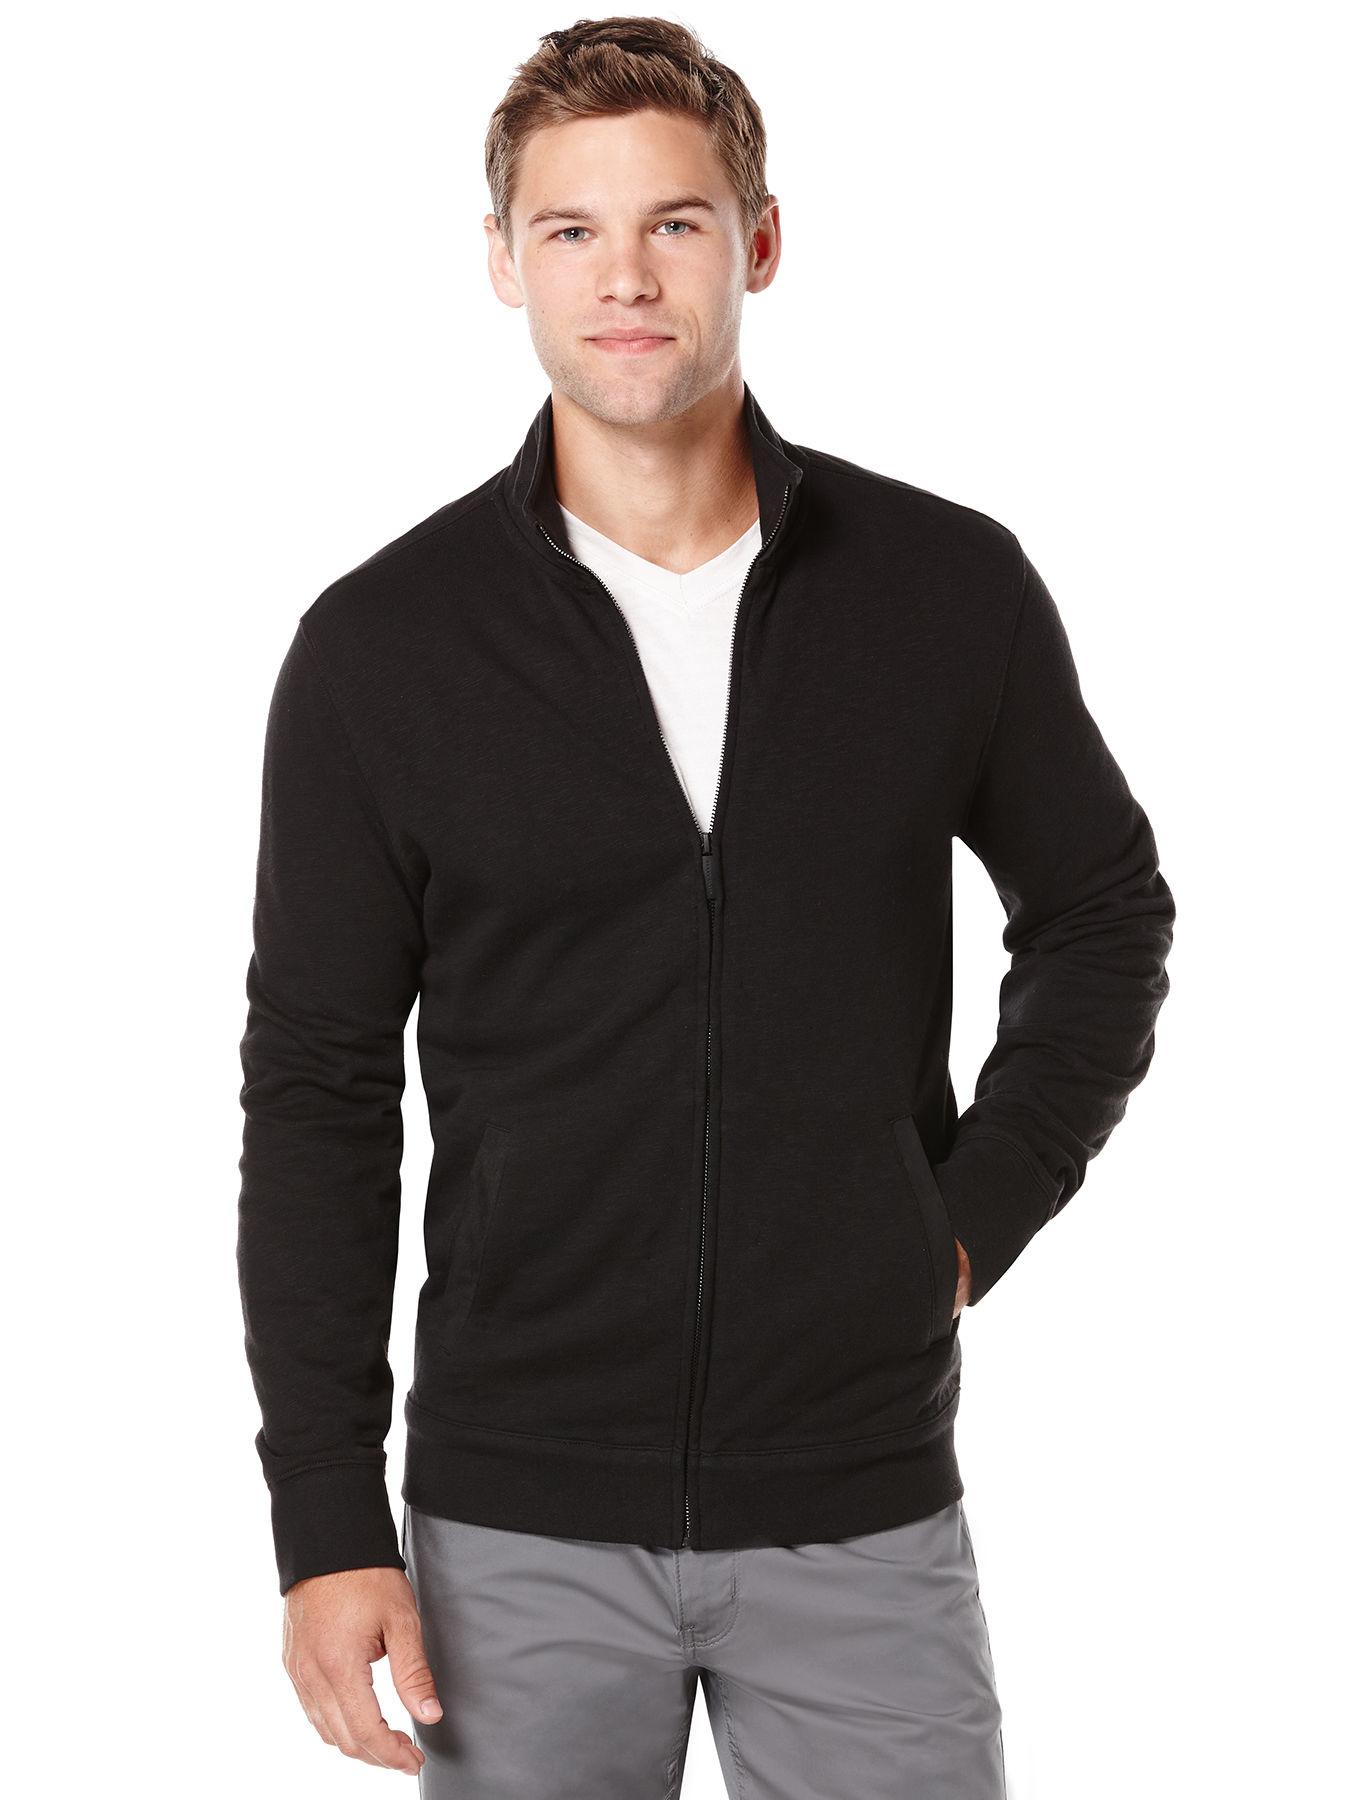 Perry Ellis Slub Textured Full Zip Jacket In Black For Men